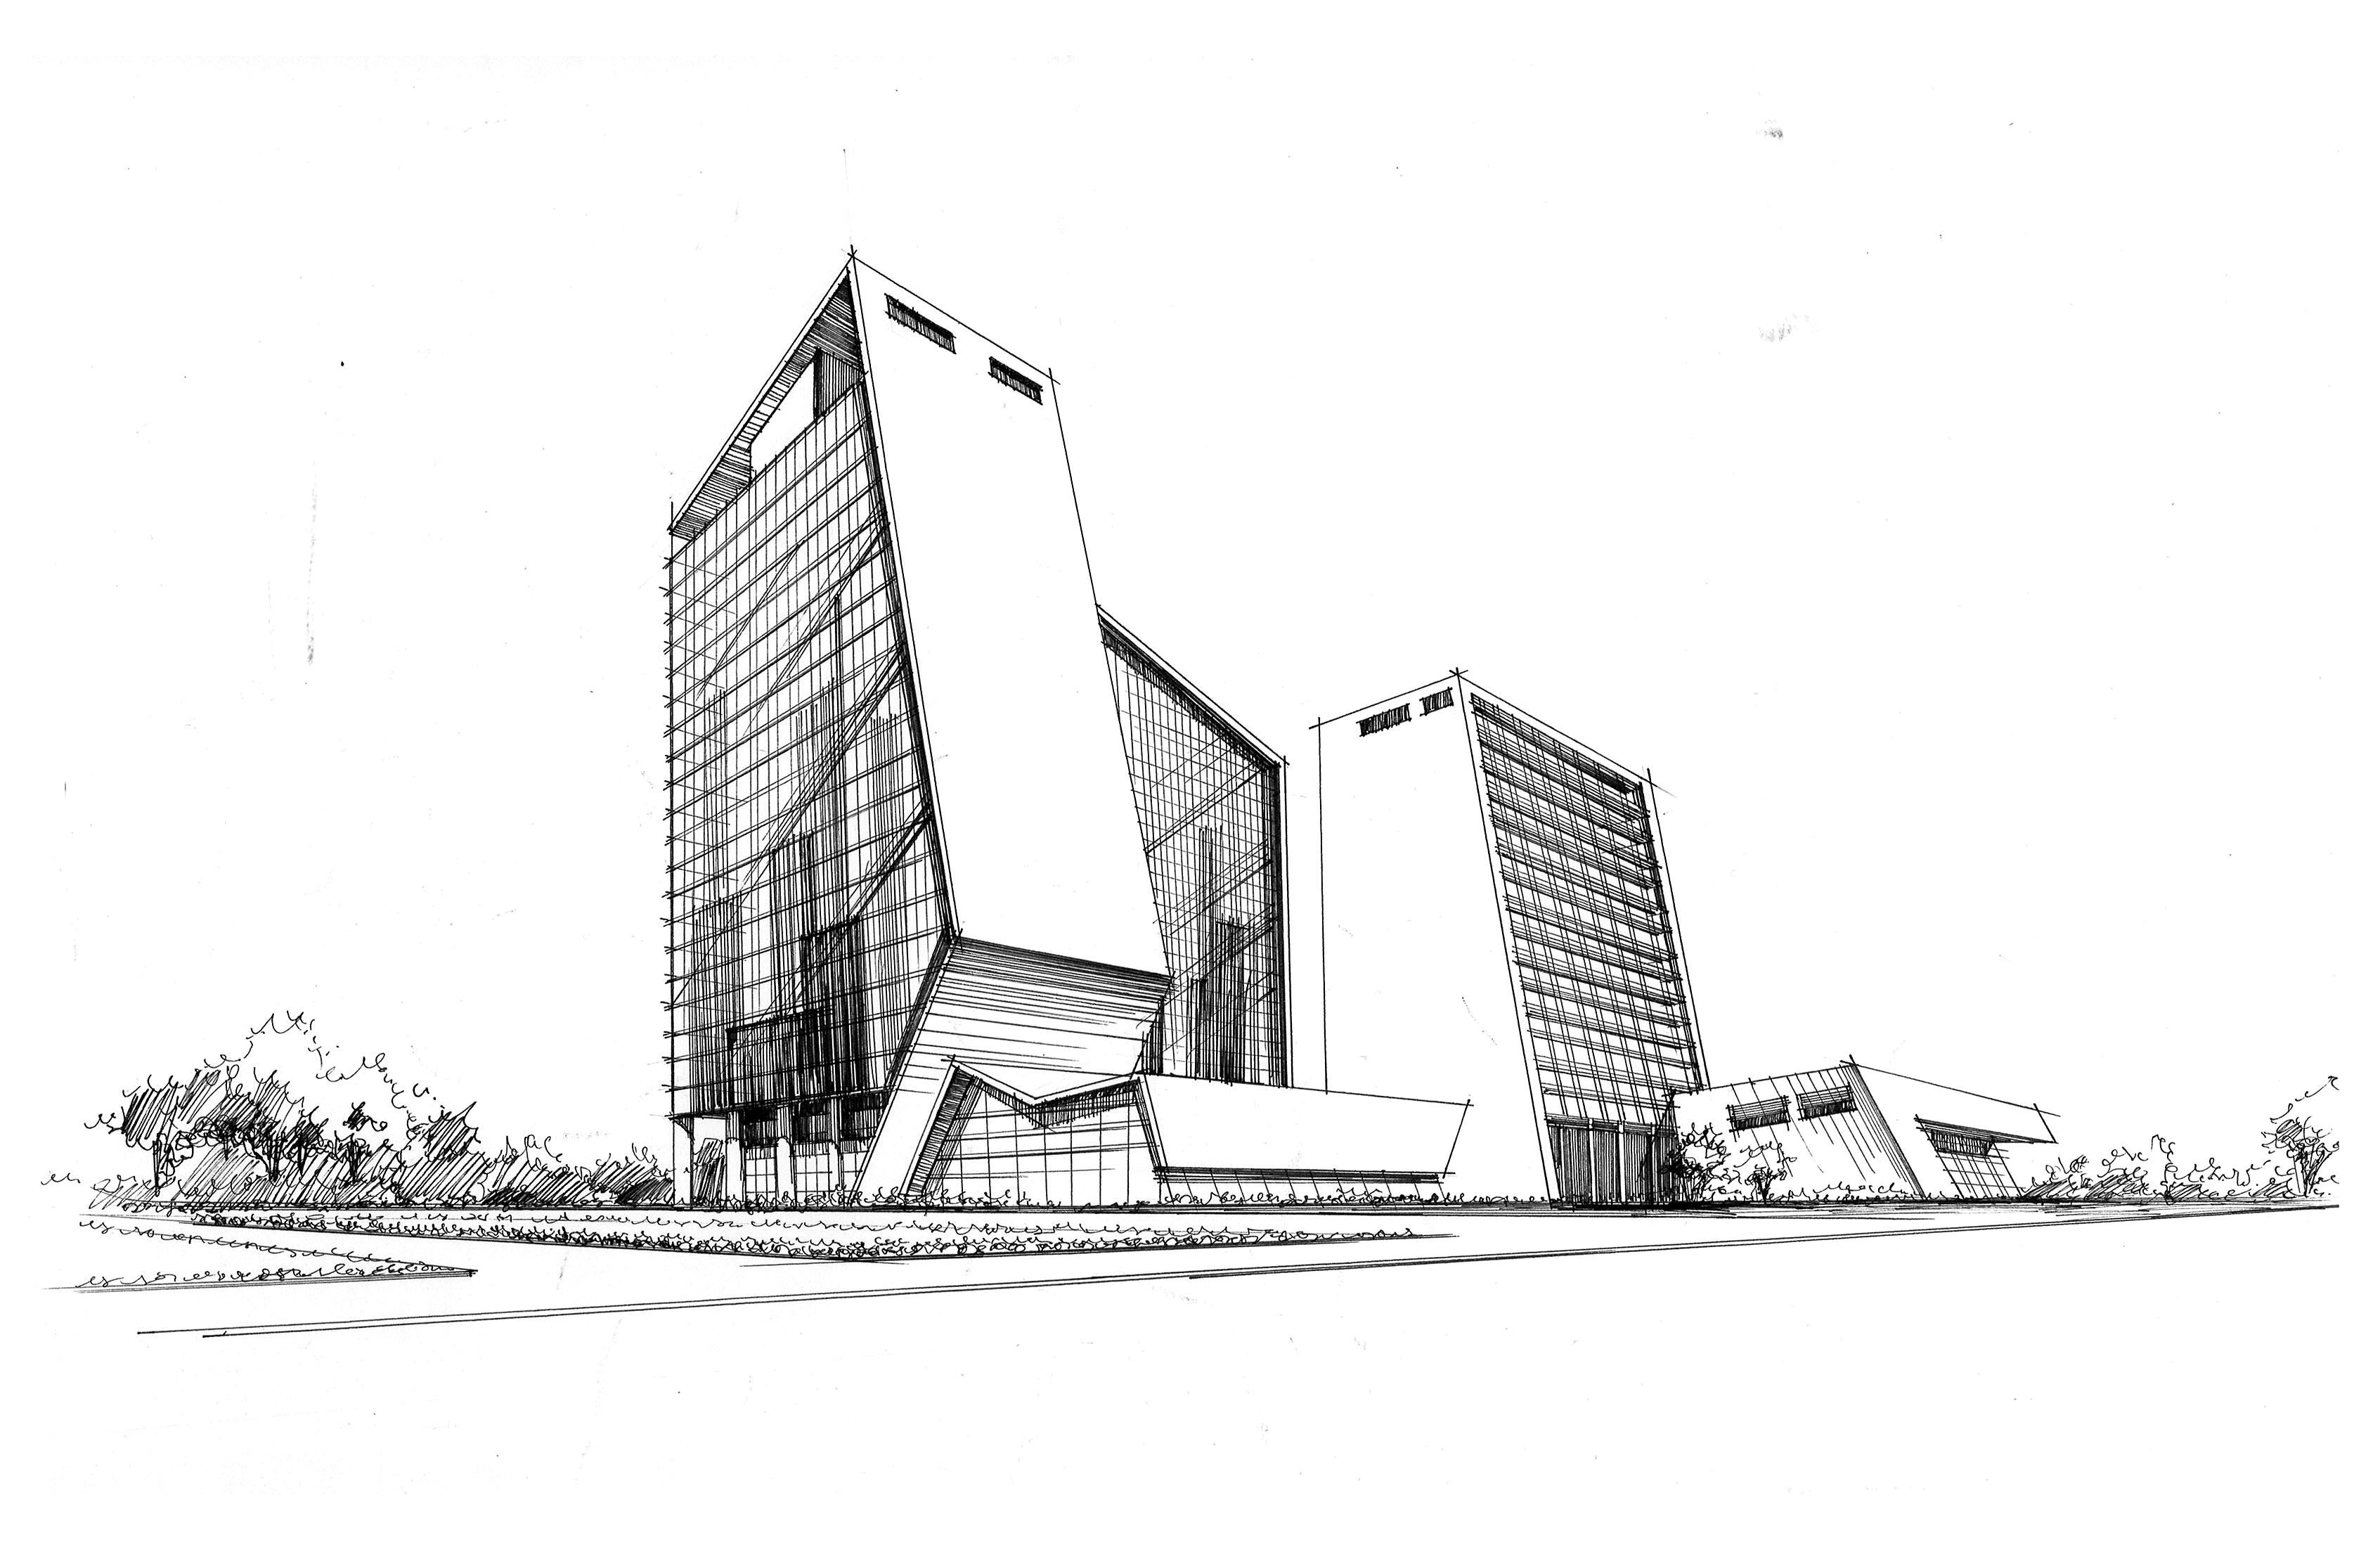 设计图分享 建筑设计图线稿 > 建筑设计      上一张 宽3386×2205高